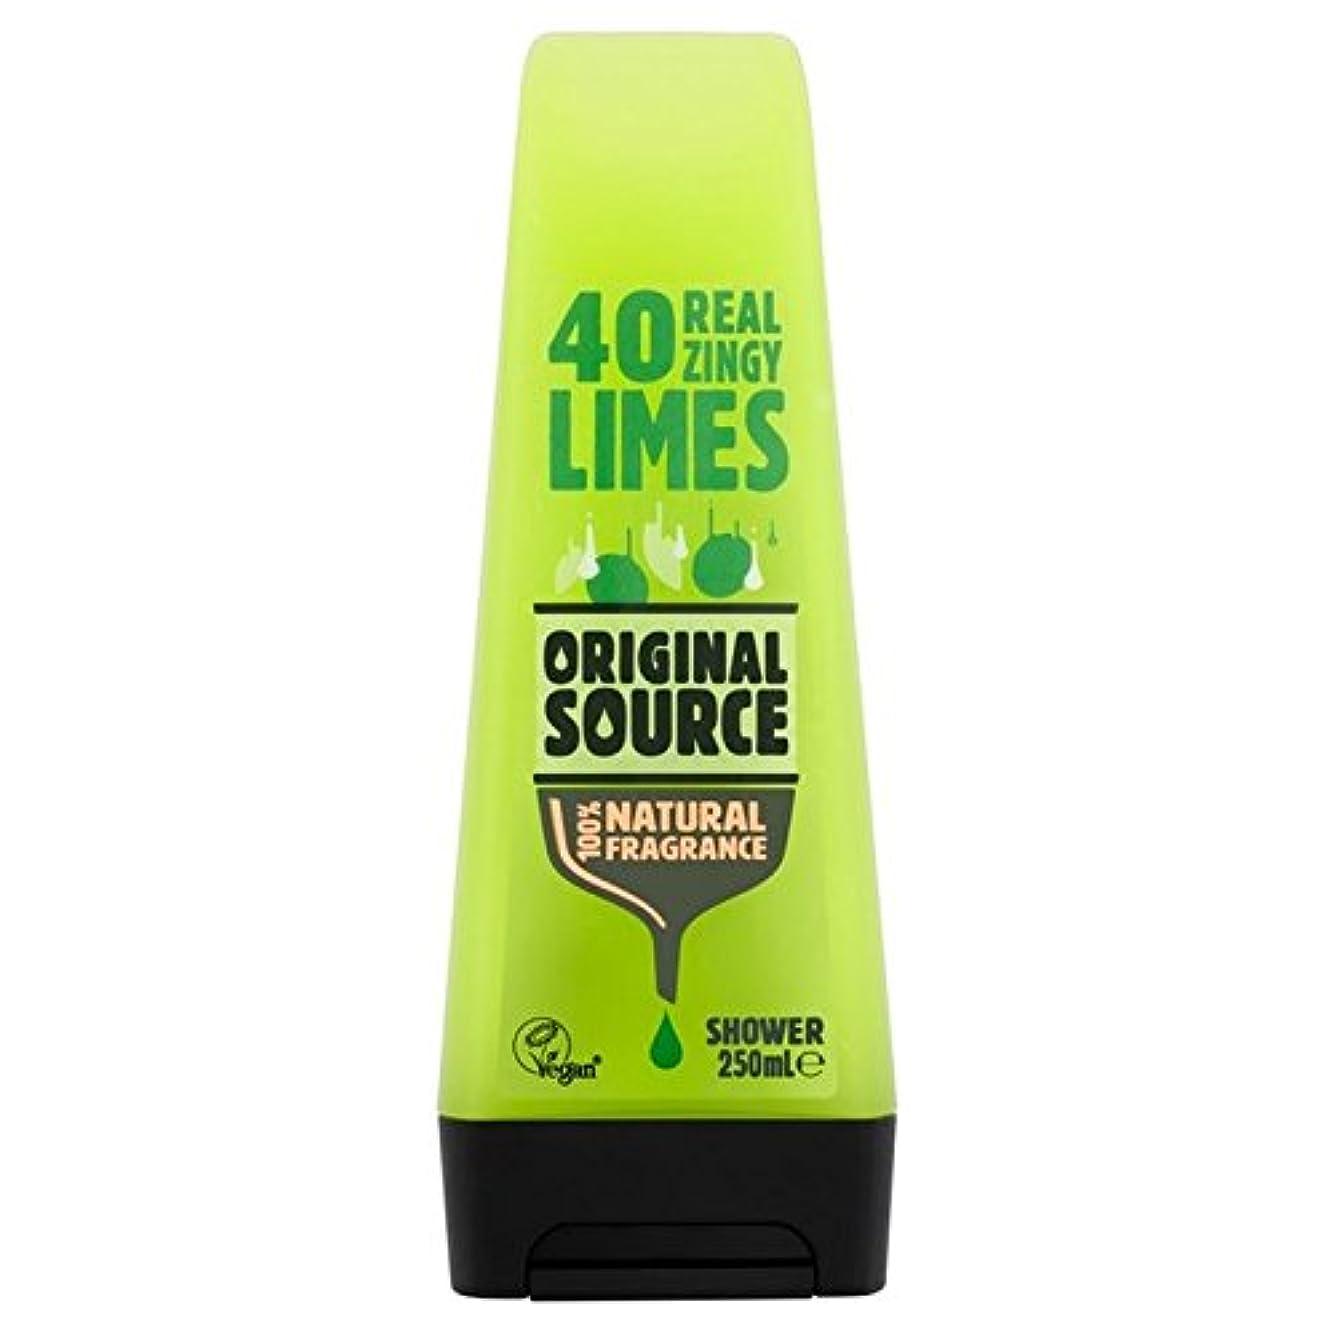 多様性コンソールまたはどちらか元のソースライムシャワージェル250ミリリットル x2 - Original Source Lime Shower Gel 250ml (Pack of 2) [並行輸入品]